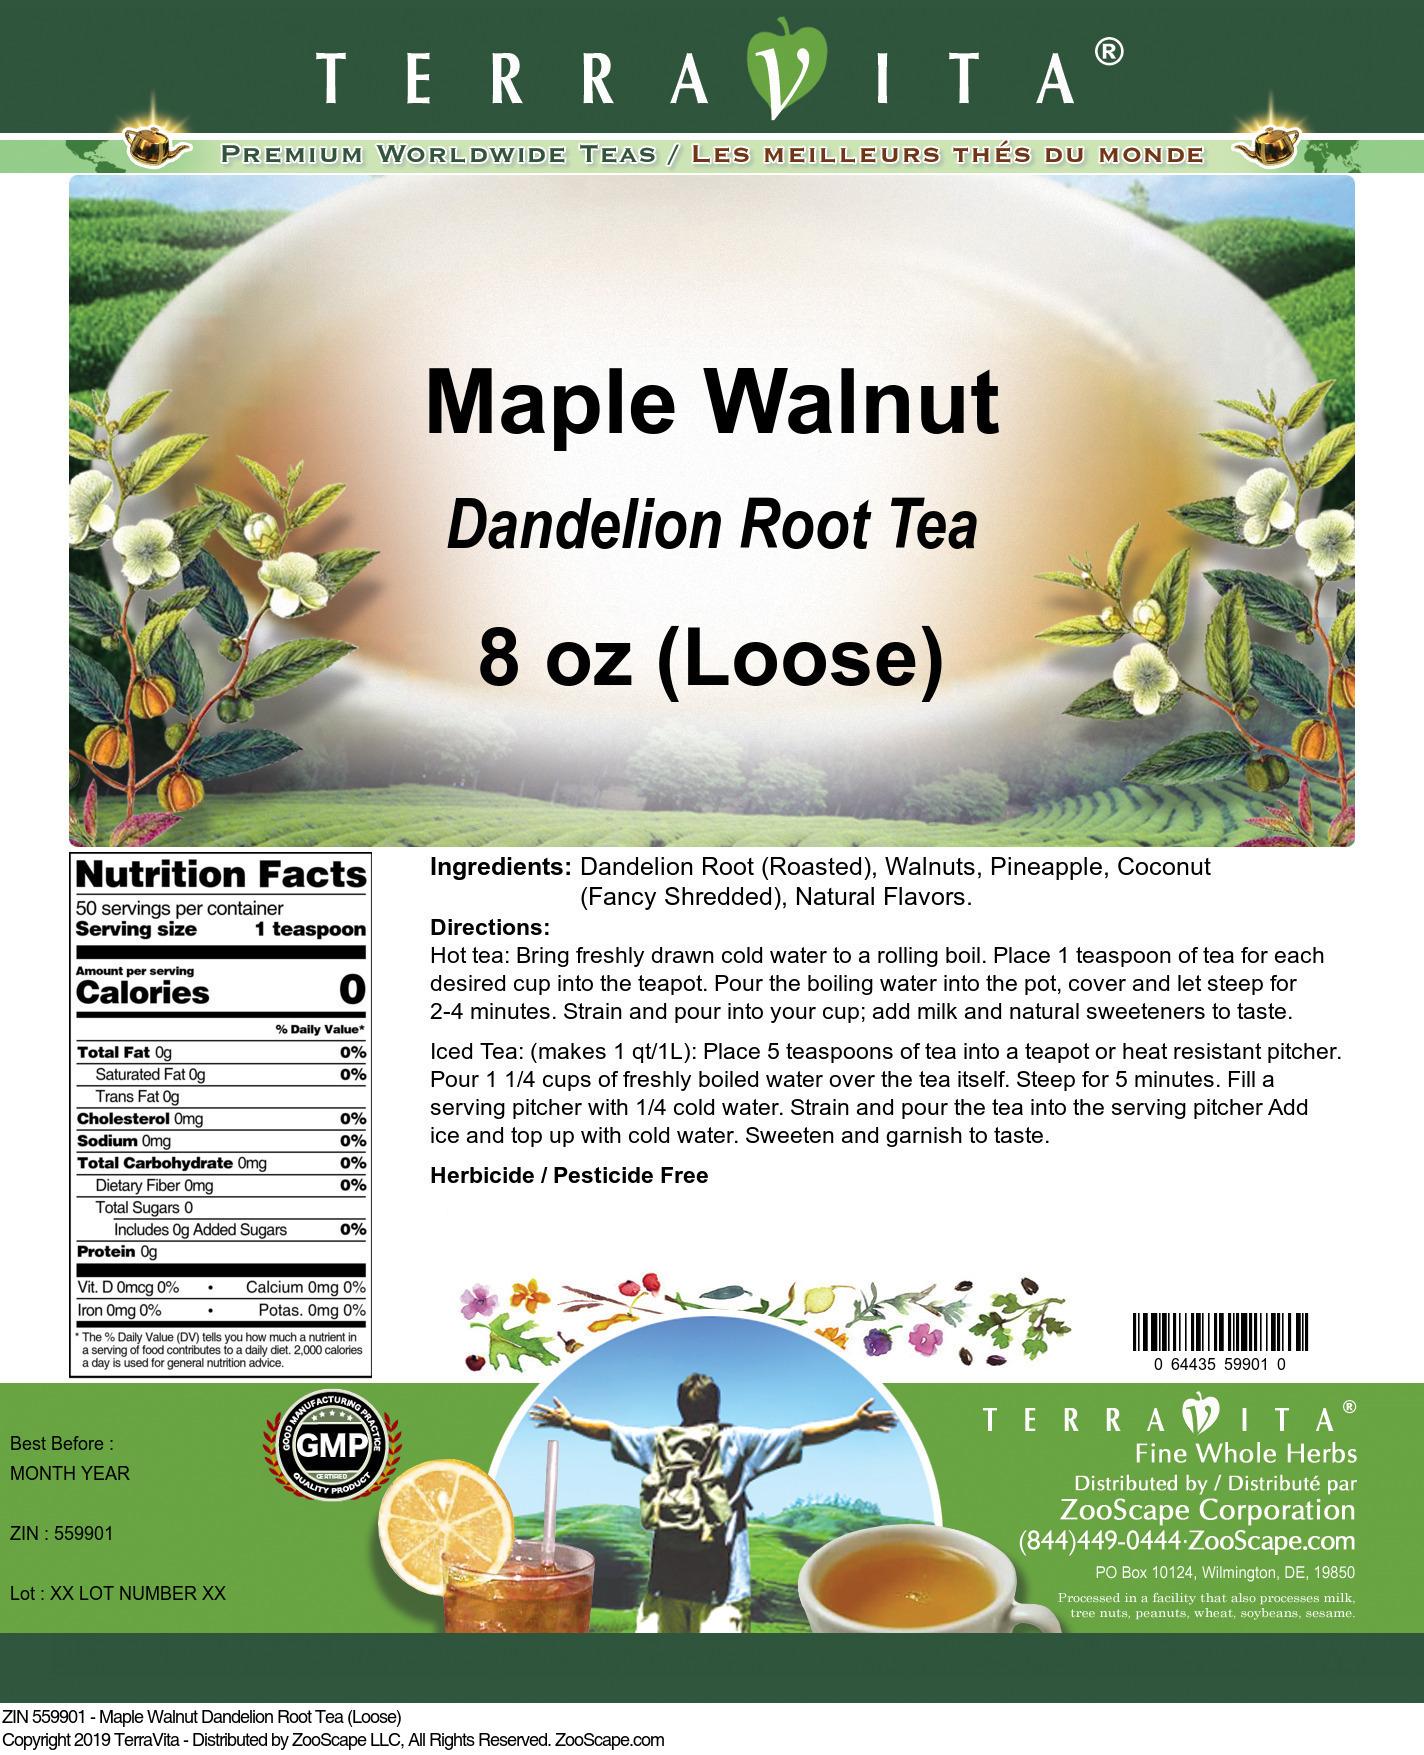 Maple Walnut Dandelion Root